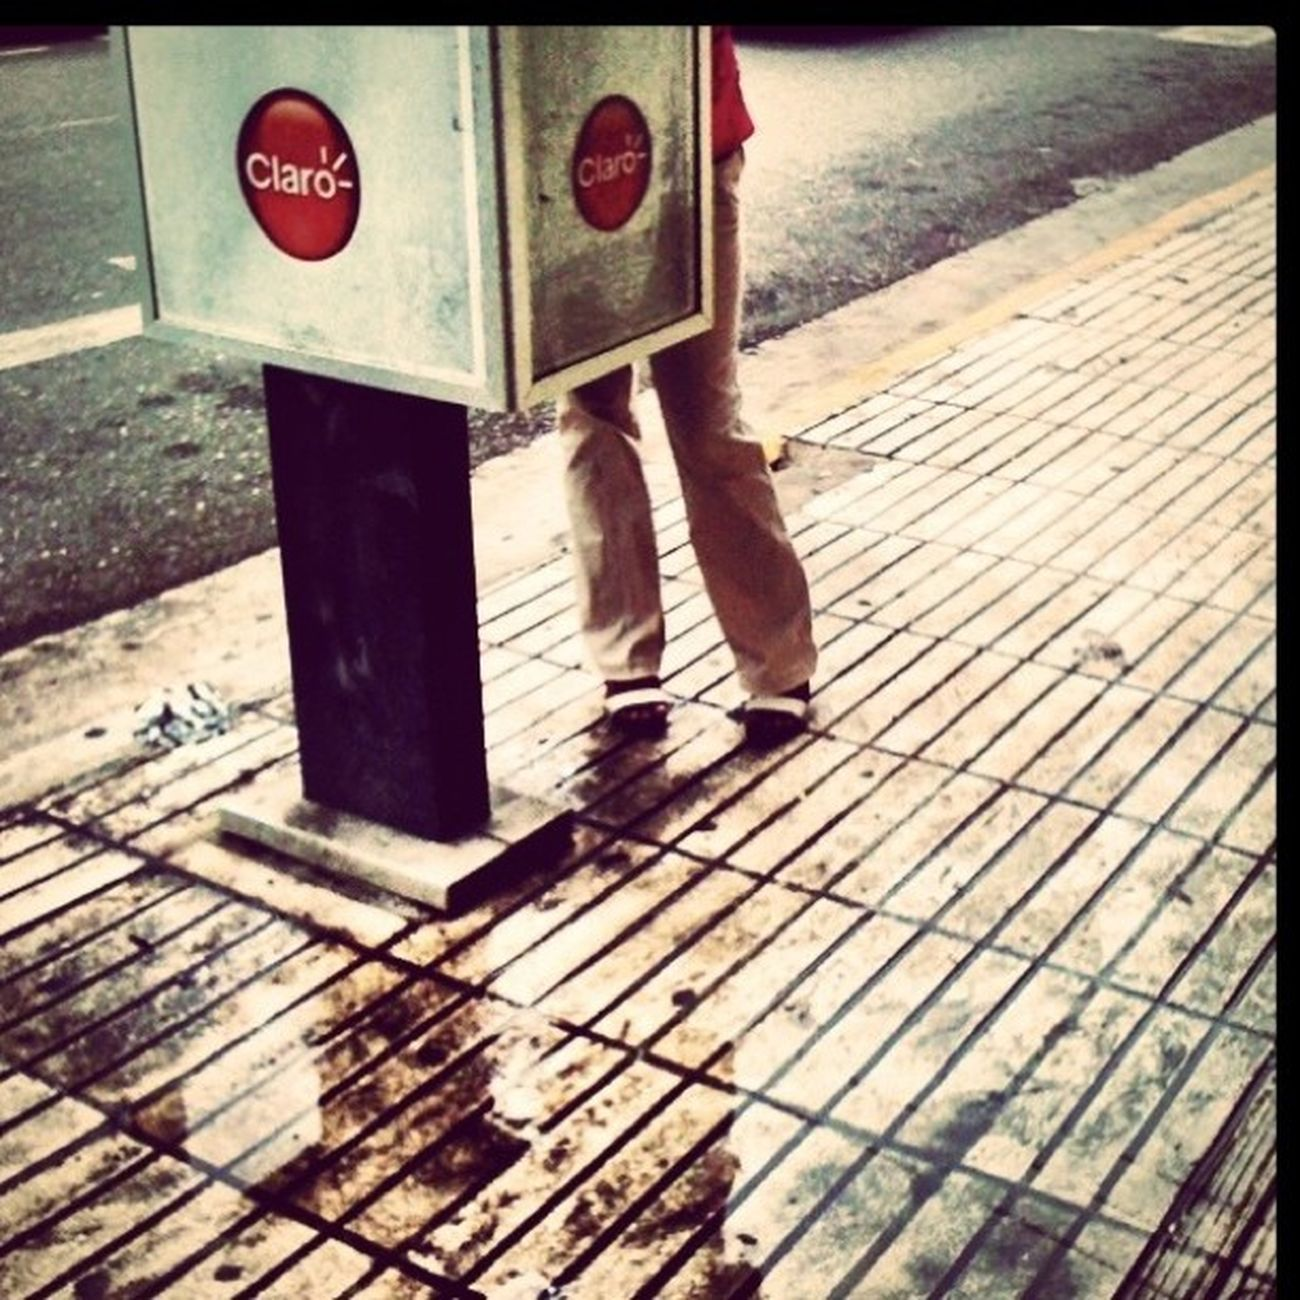 Public Phone Santiago Iphonegraph